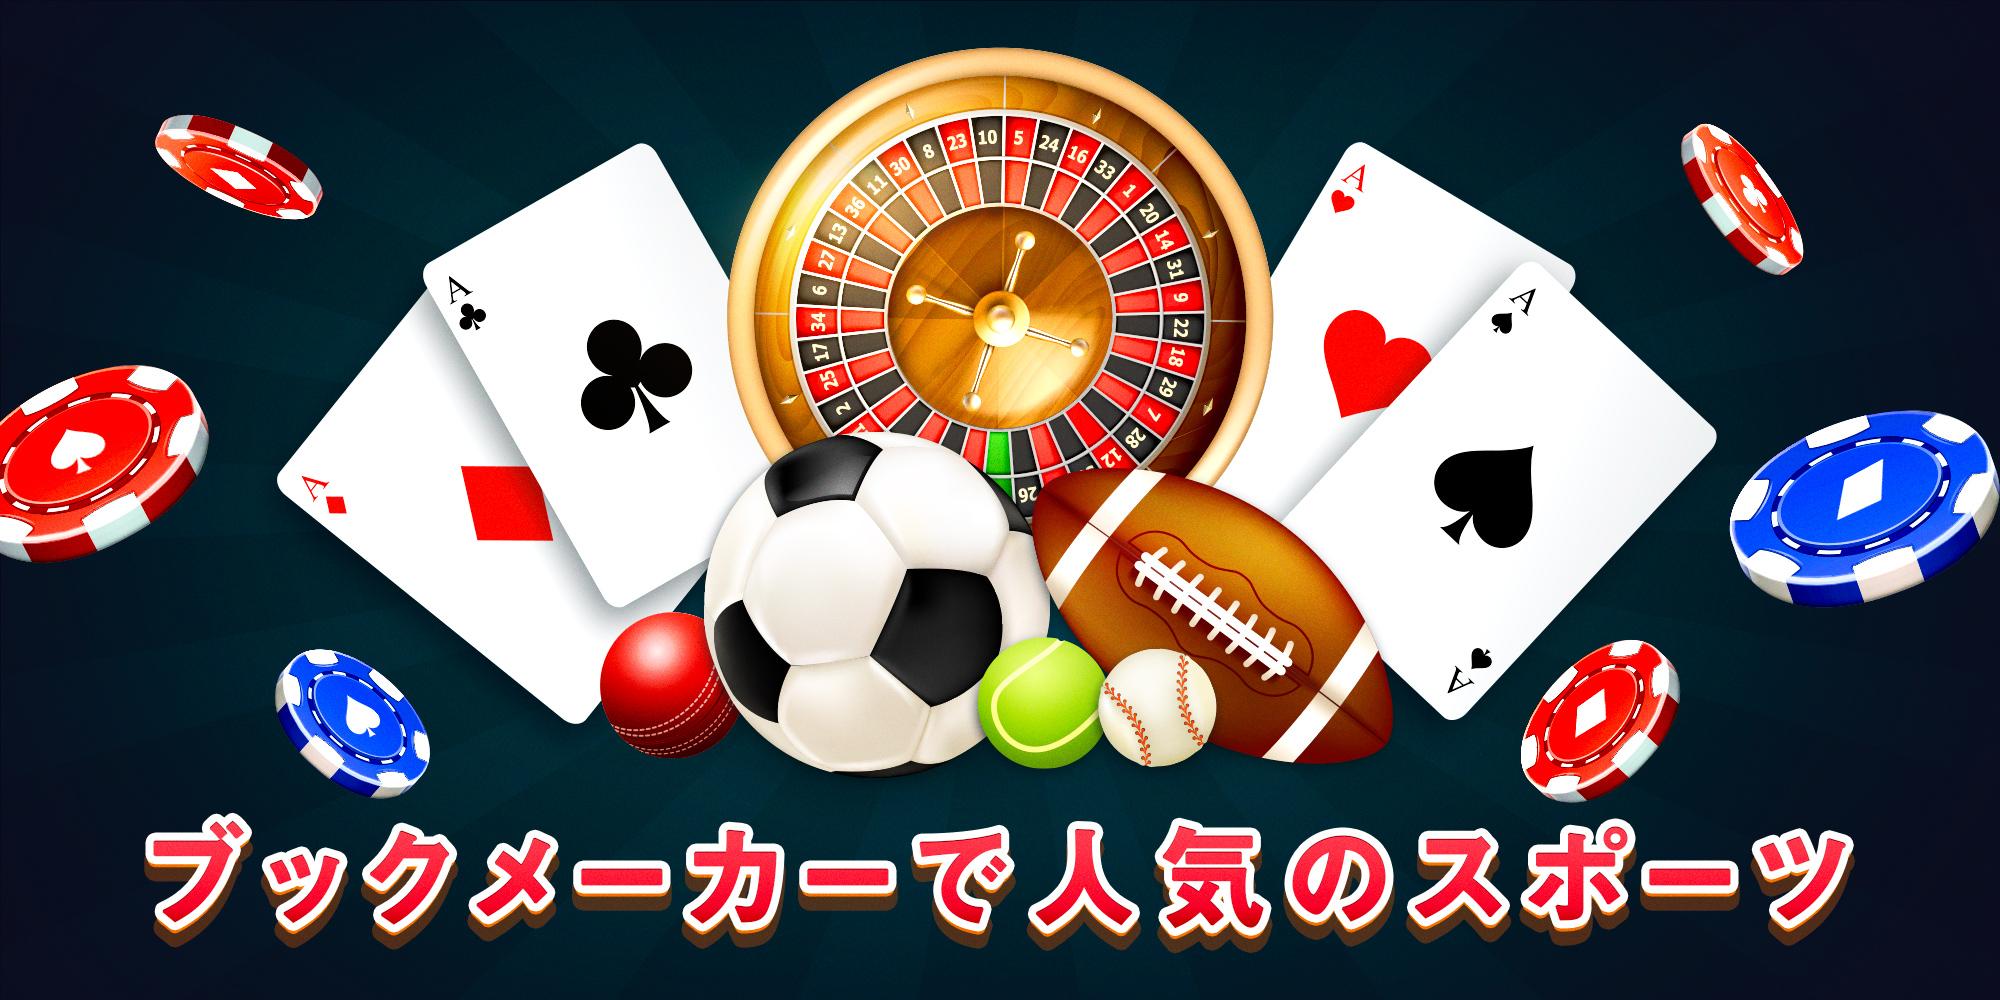 スポーツカジノギャンブル